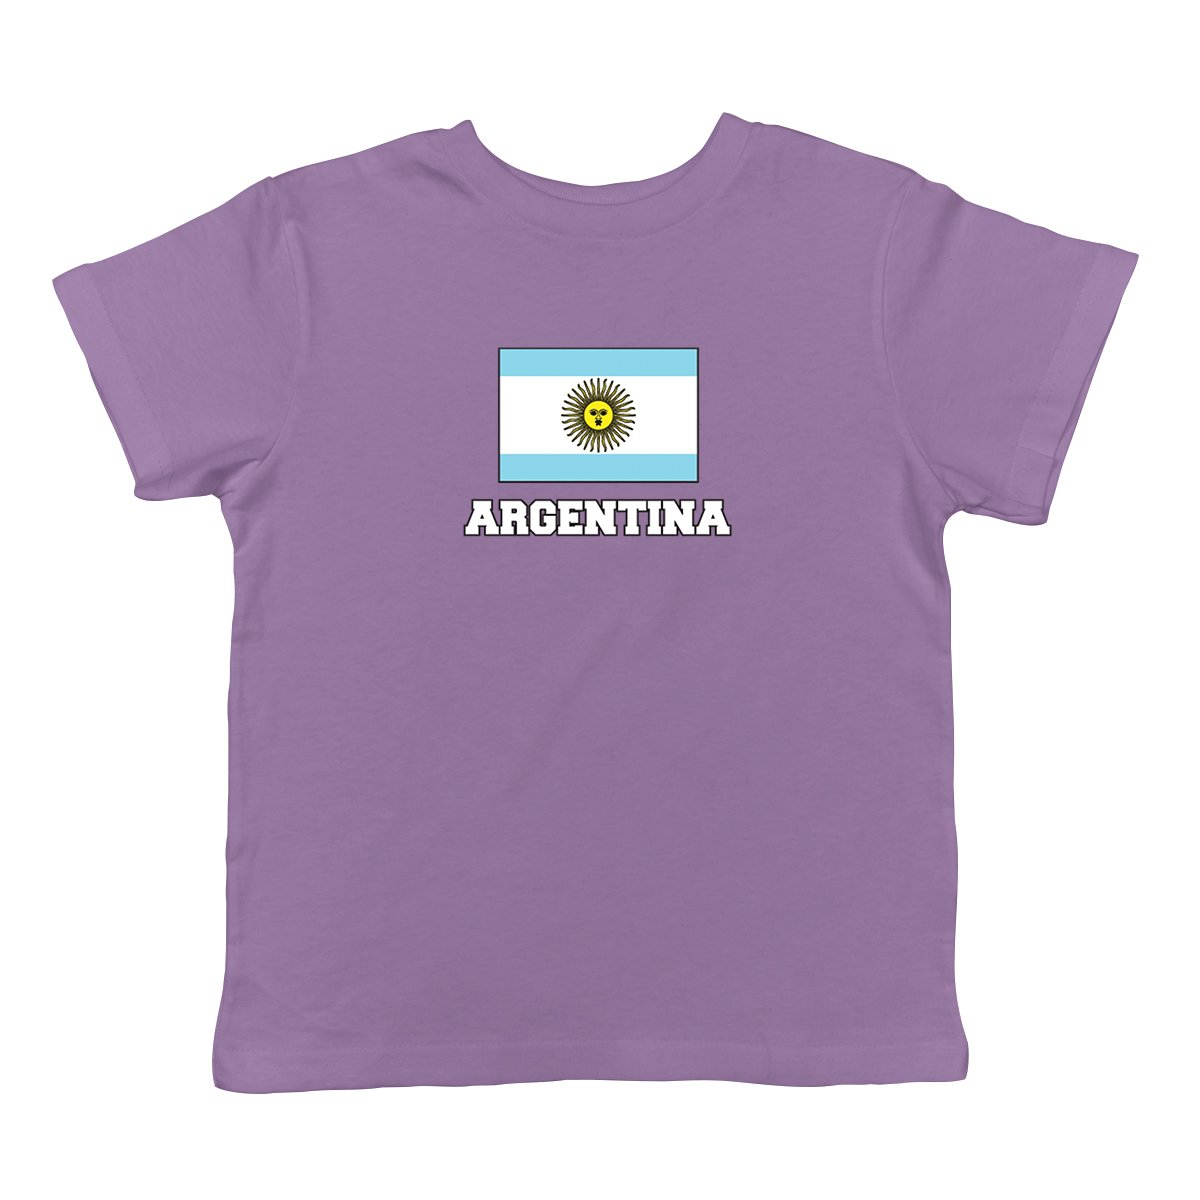 SpiritForged Apparel Argentina Flag Infant T-Shirt